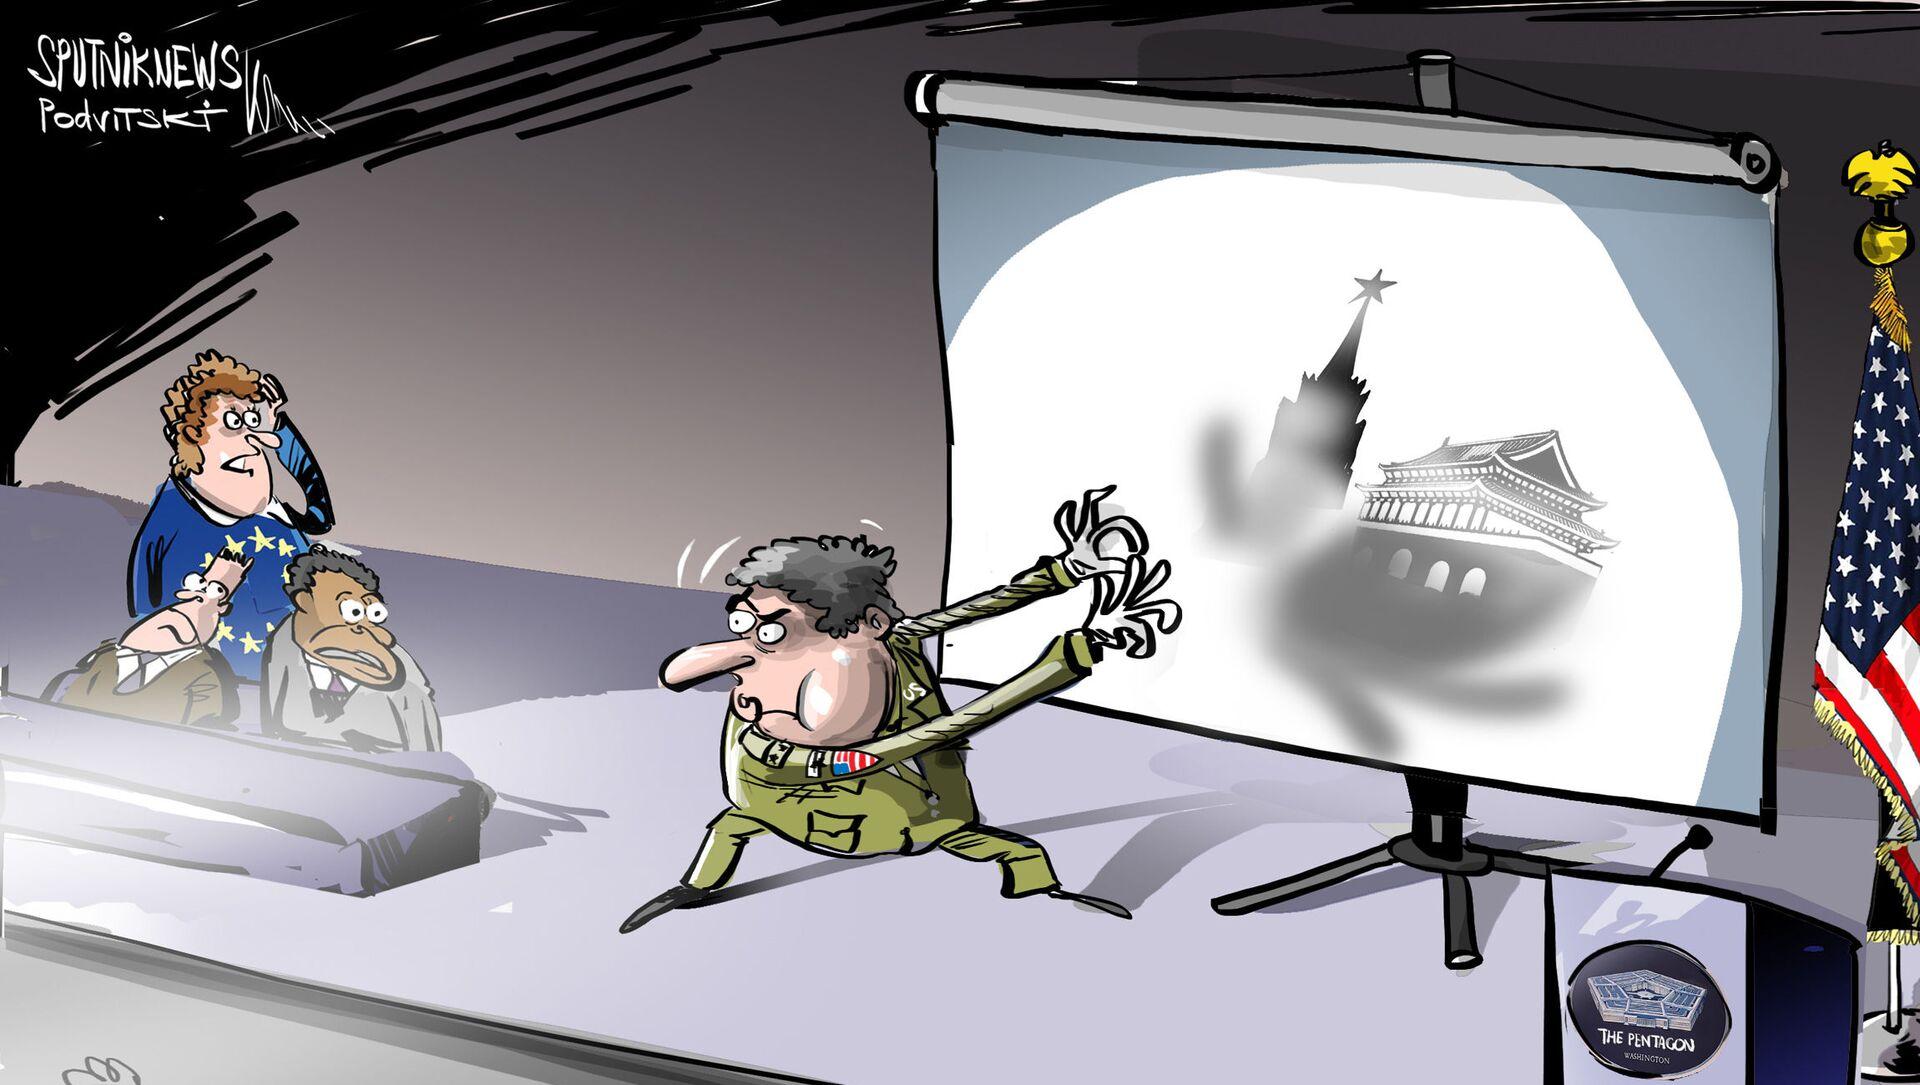 Pentagon nedokázal vysvětlit, v čem spočívá nebezpečí Ruska pro NATO - Sputnik Česká republika, 1920, 17.02.2021